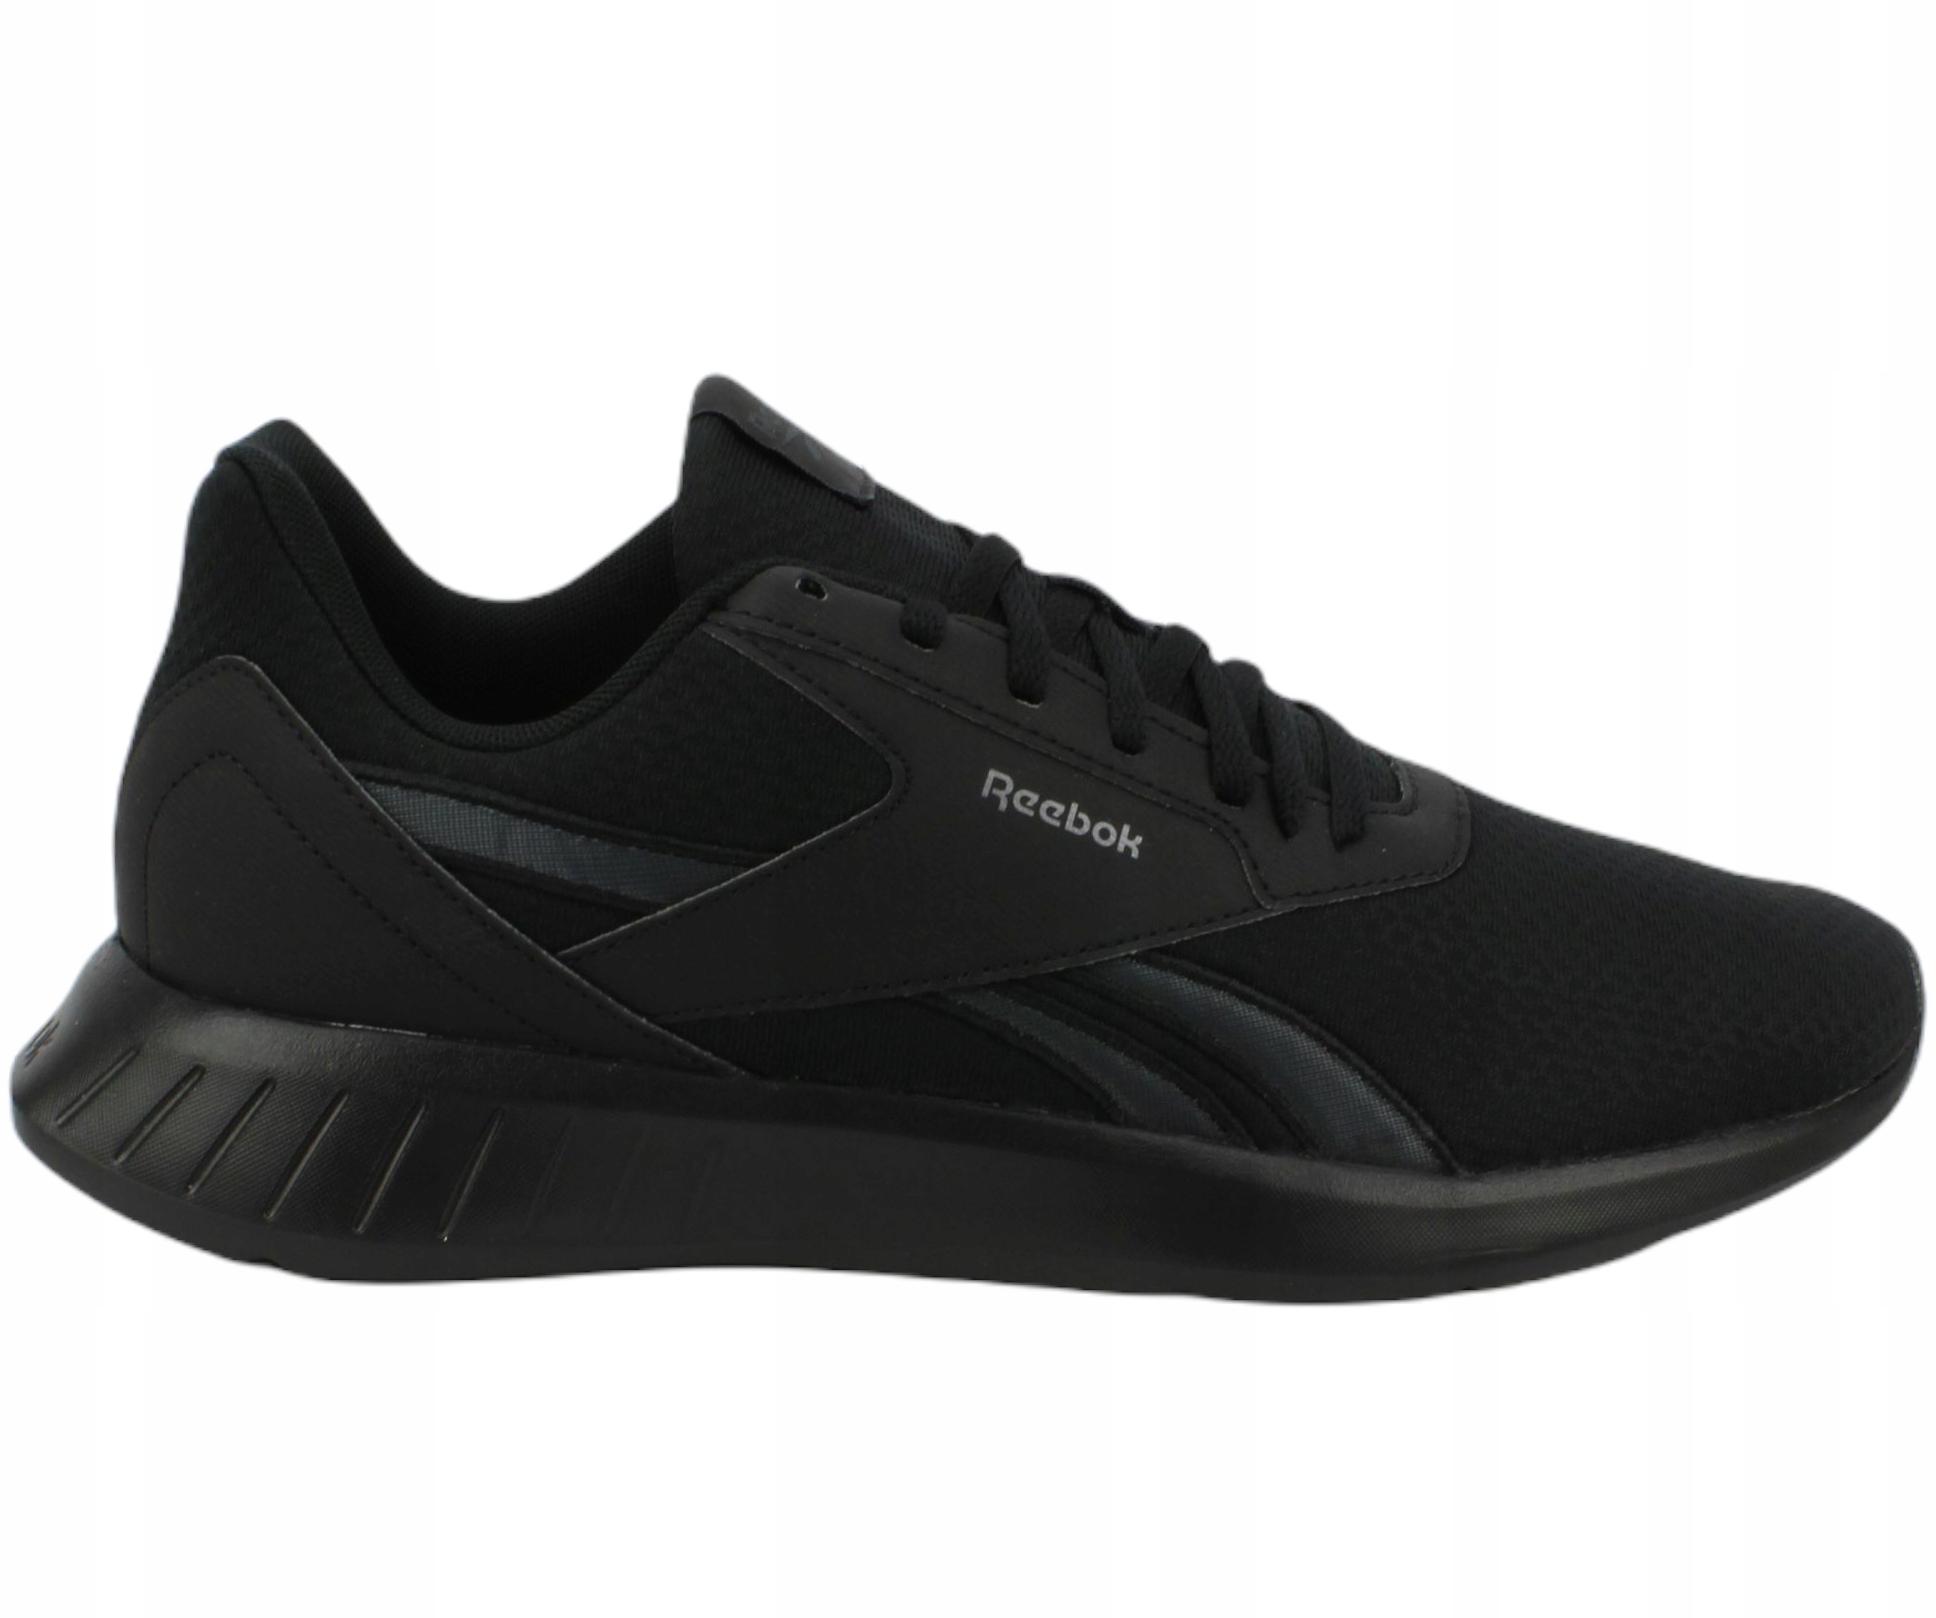 Reebok Lite 2.0 r. 42 męskie buty czarne FW8025